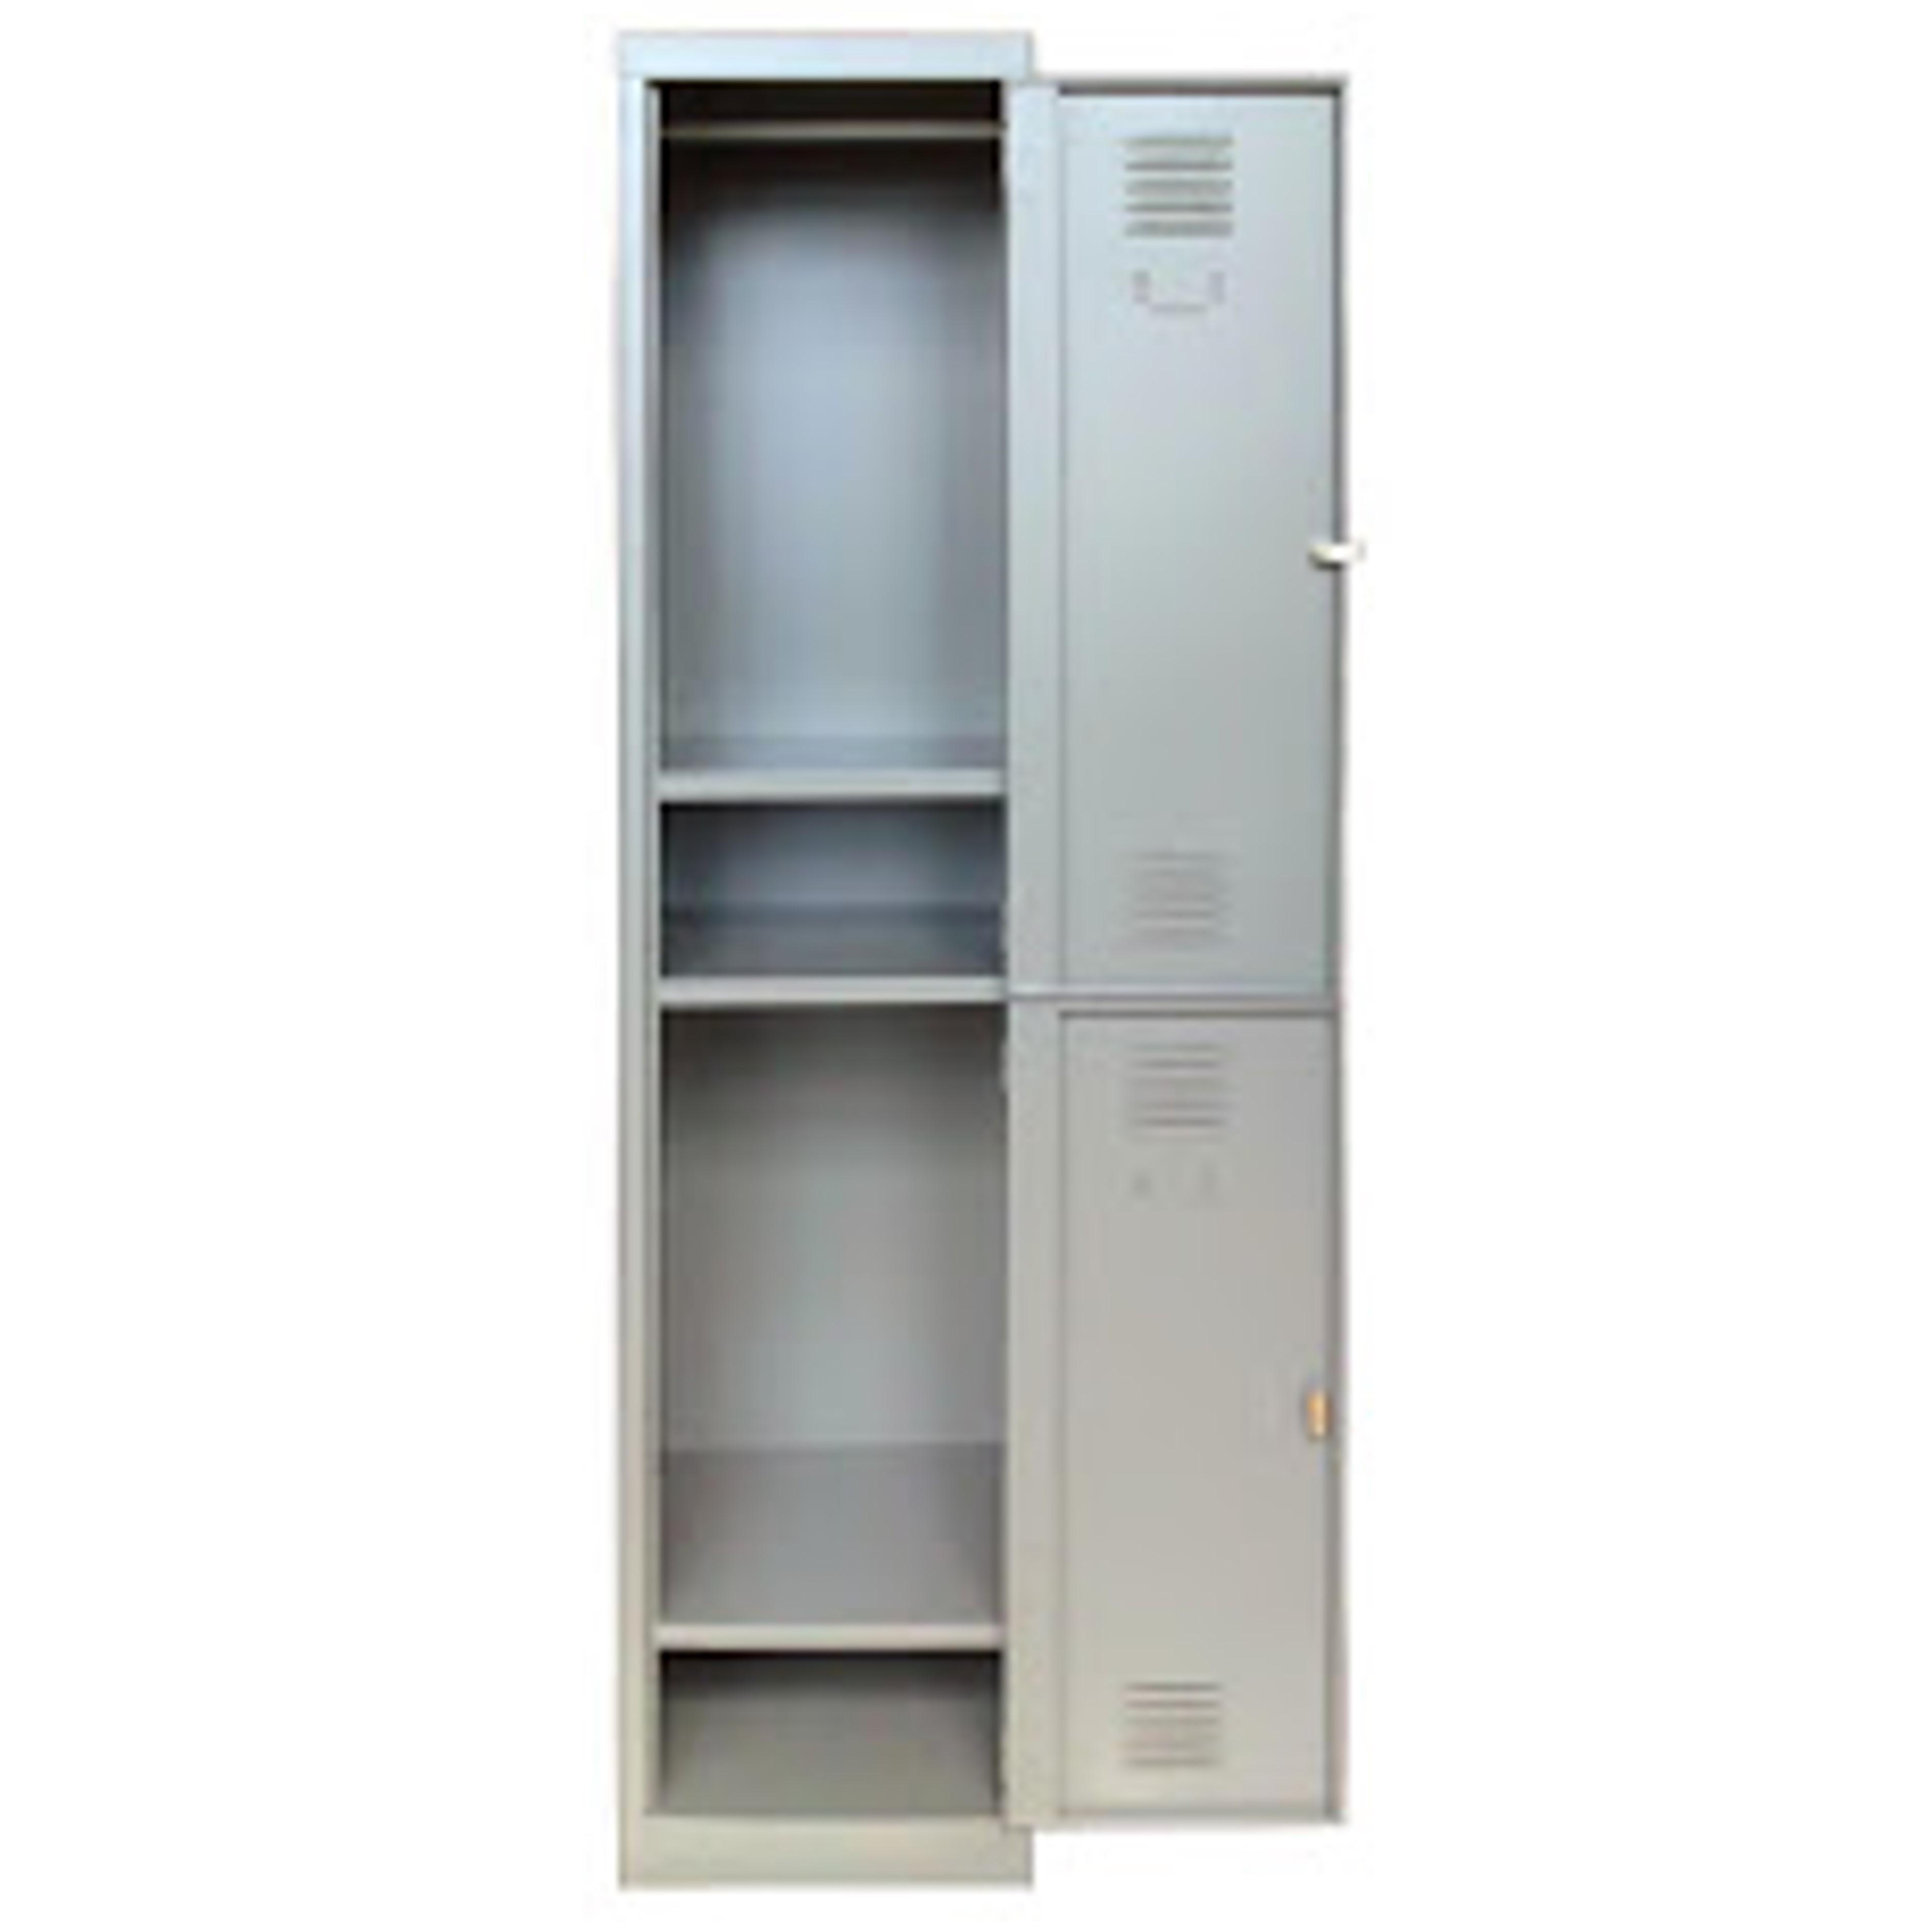 3780x3780 Staff Locker